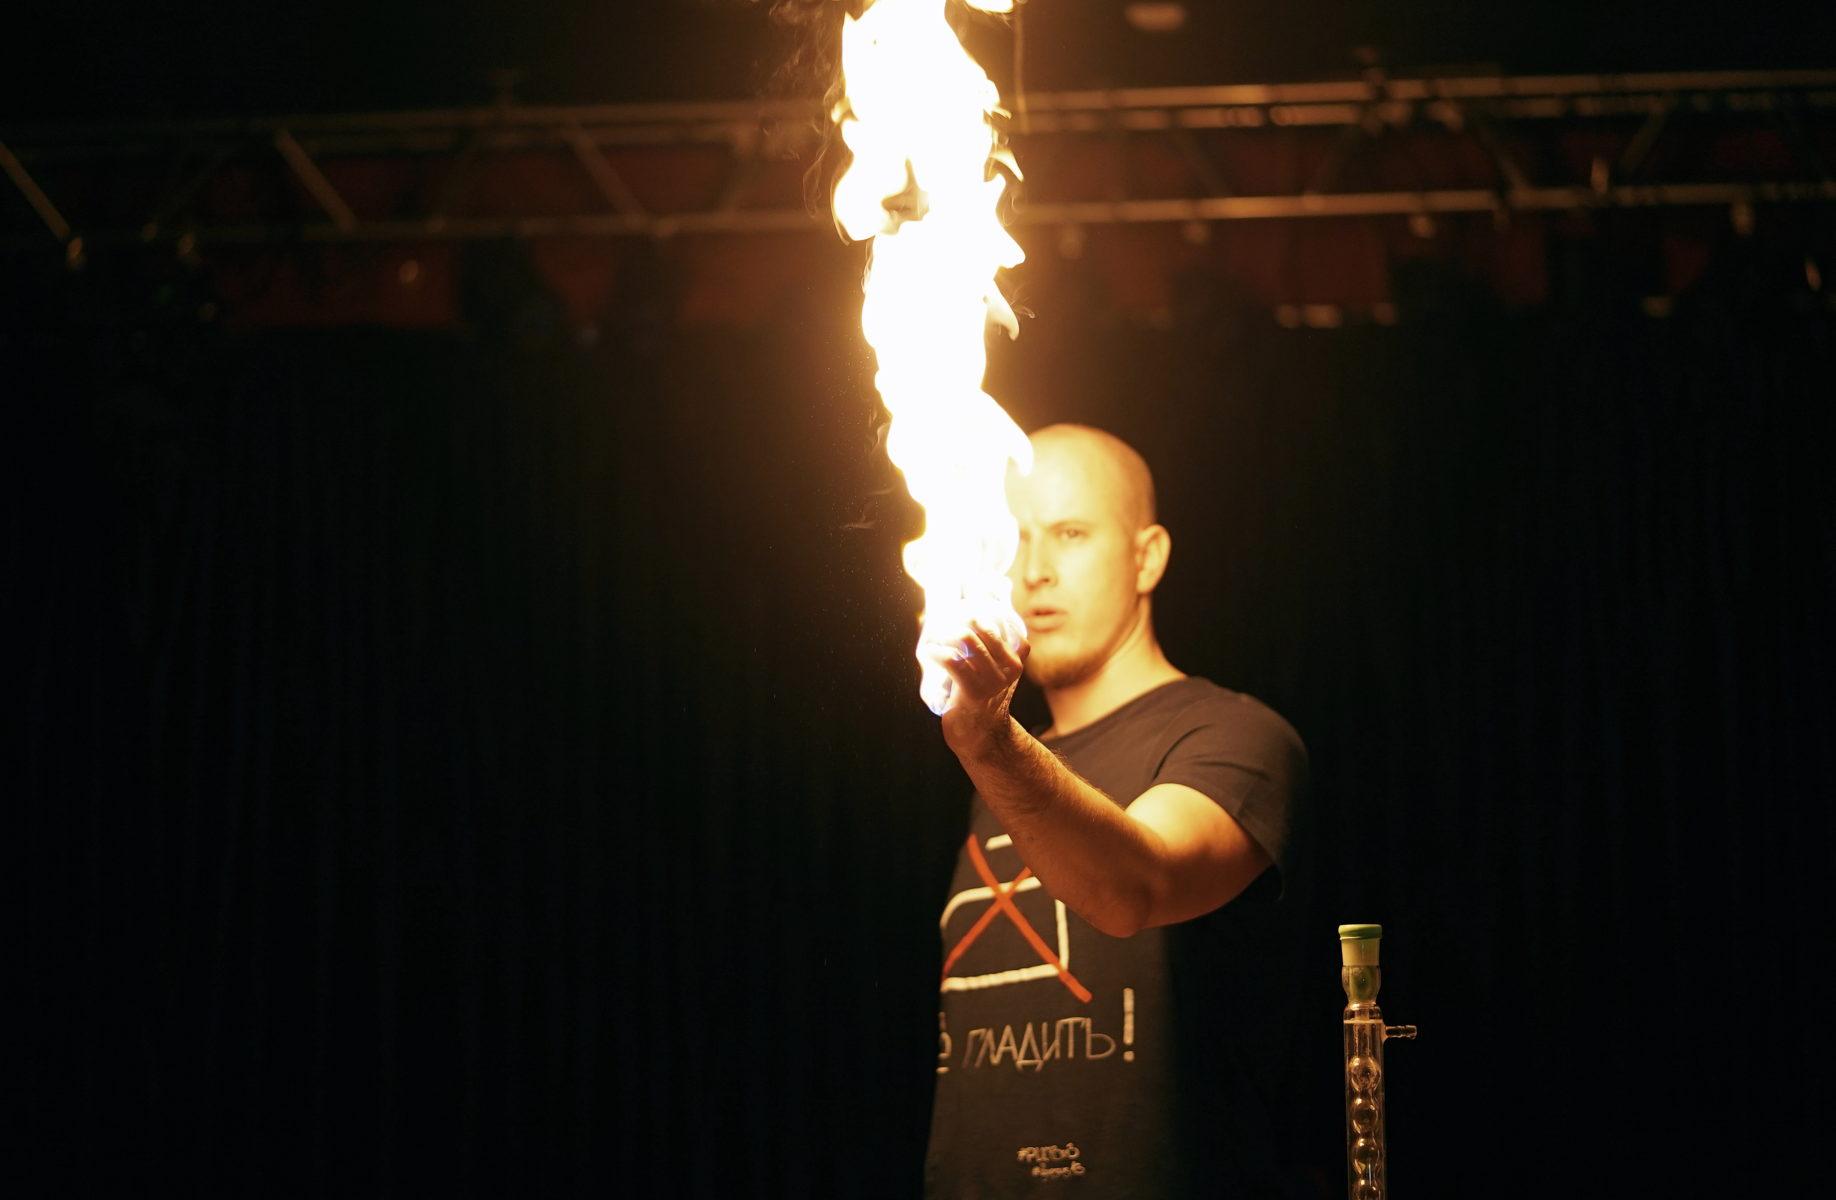 Шоу «Огонь, вода и громкие взрывы!» в Культурном центре «Вдохновение» – события на сайте «Московские Сезоны»